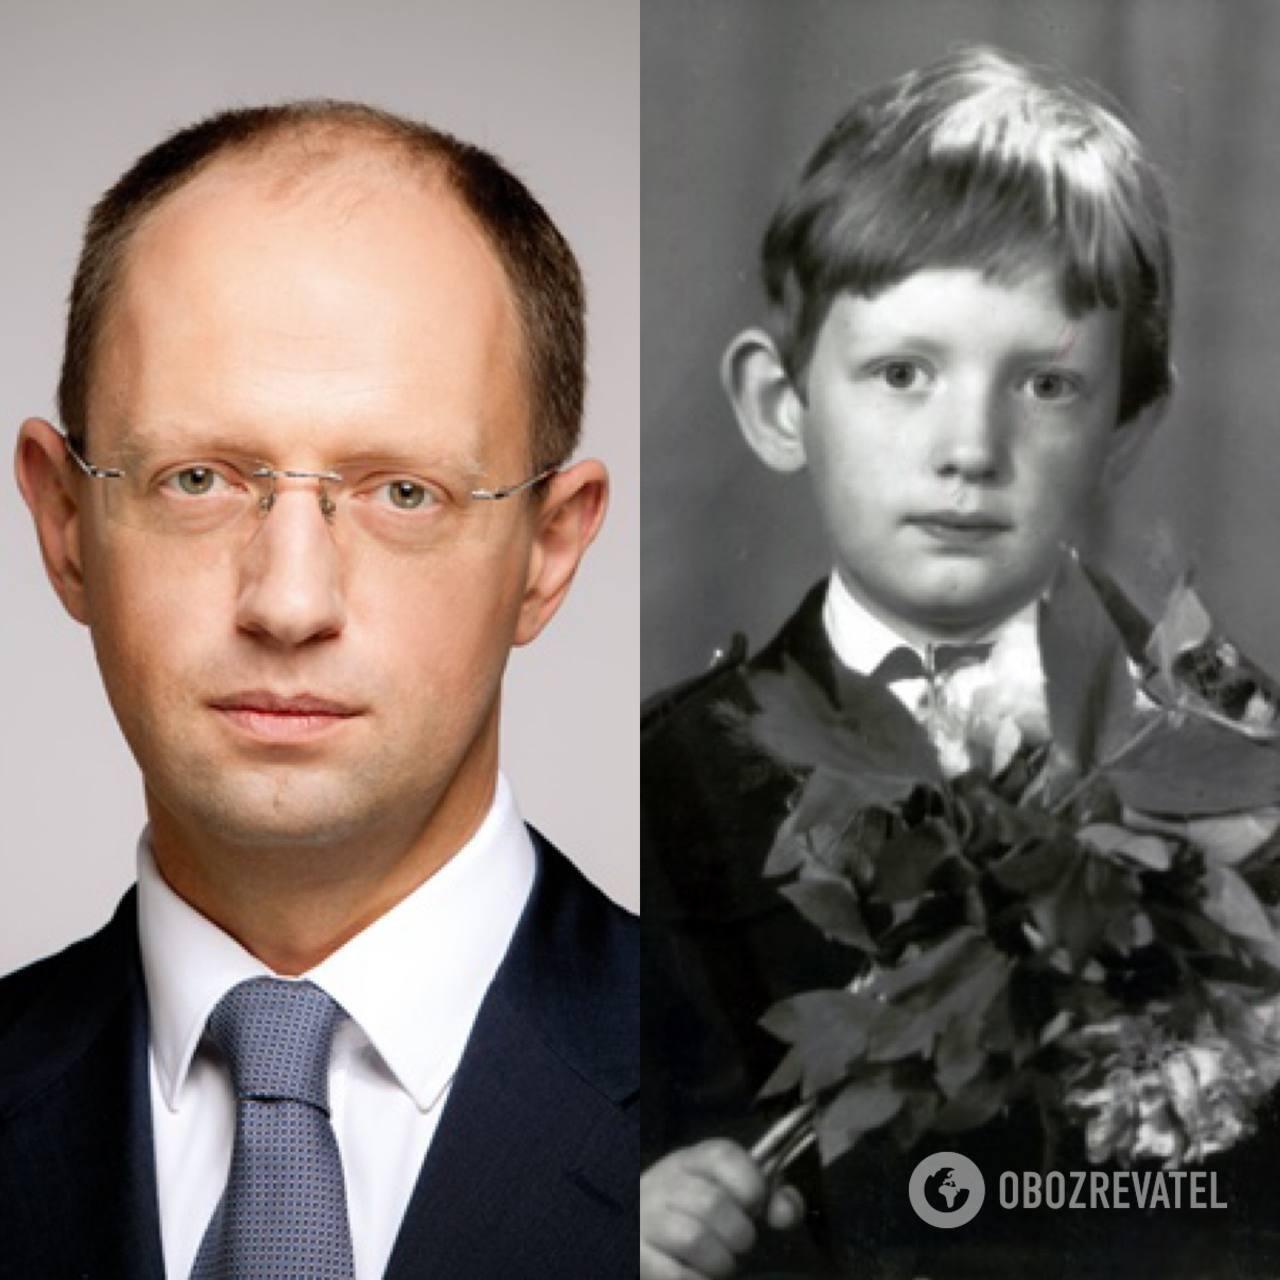 Арсений Яценюк: в детстве и сейчас.